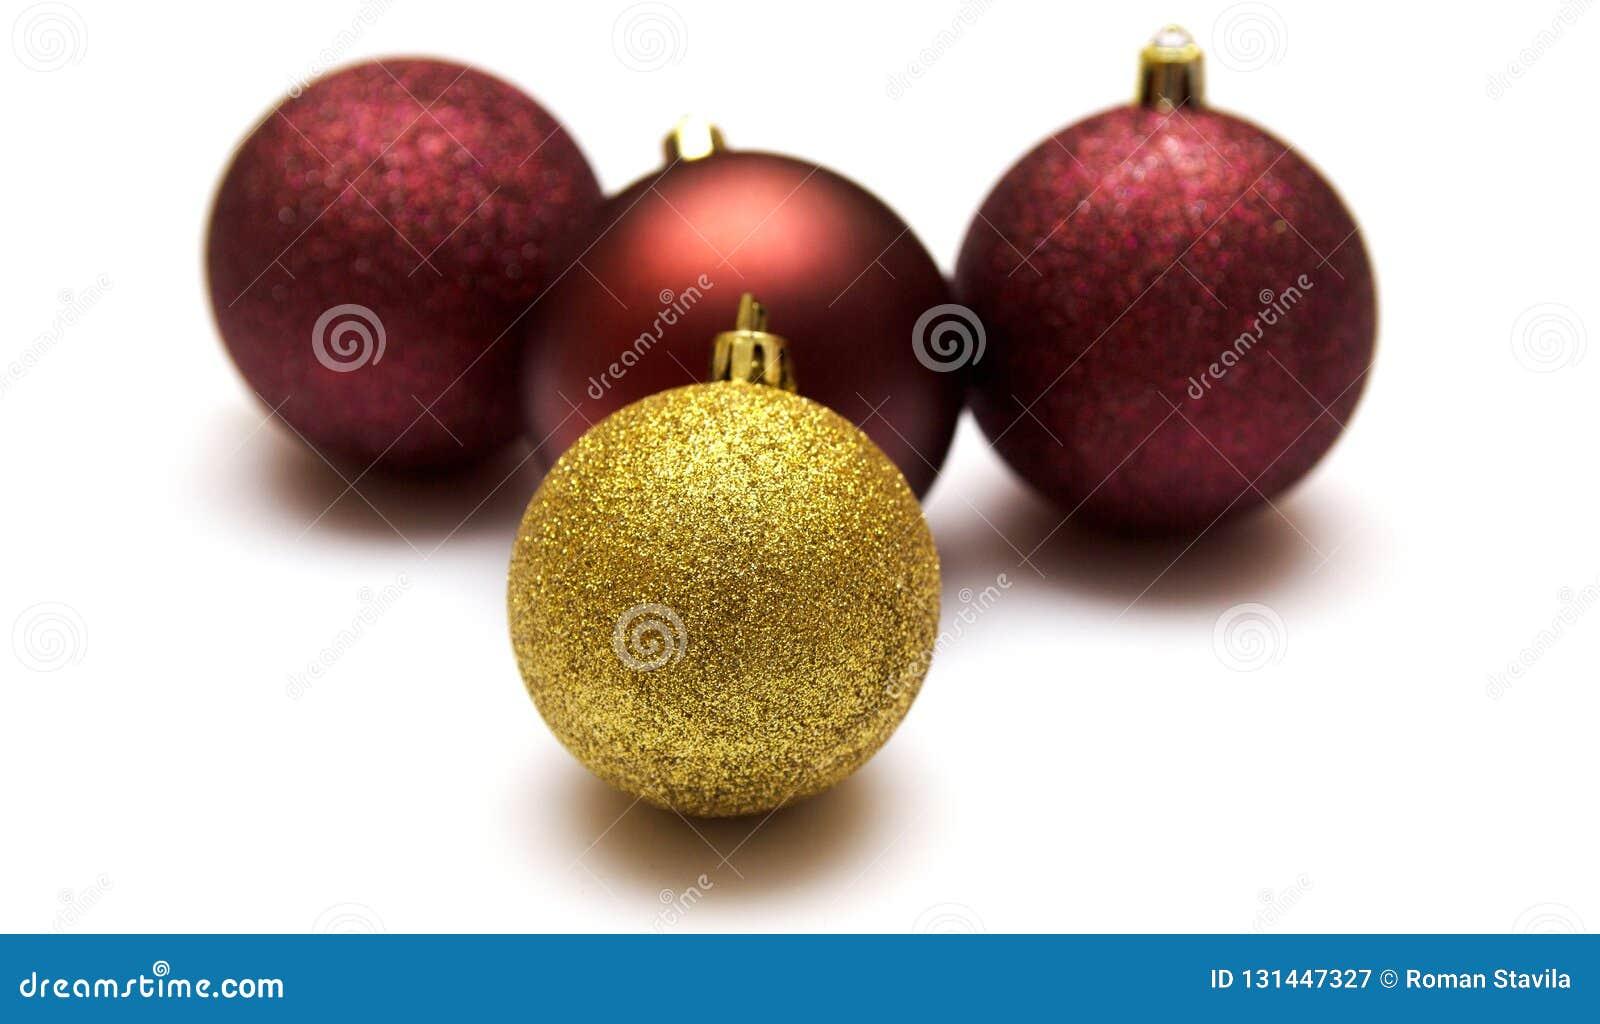 Bola de la Navidad aislada en el fondo blanco, juguetes de la Navidad Oro, y chucherías rojas de la Navidad aisladas en el fondo